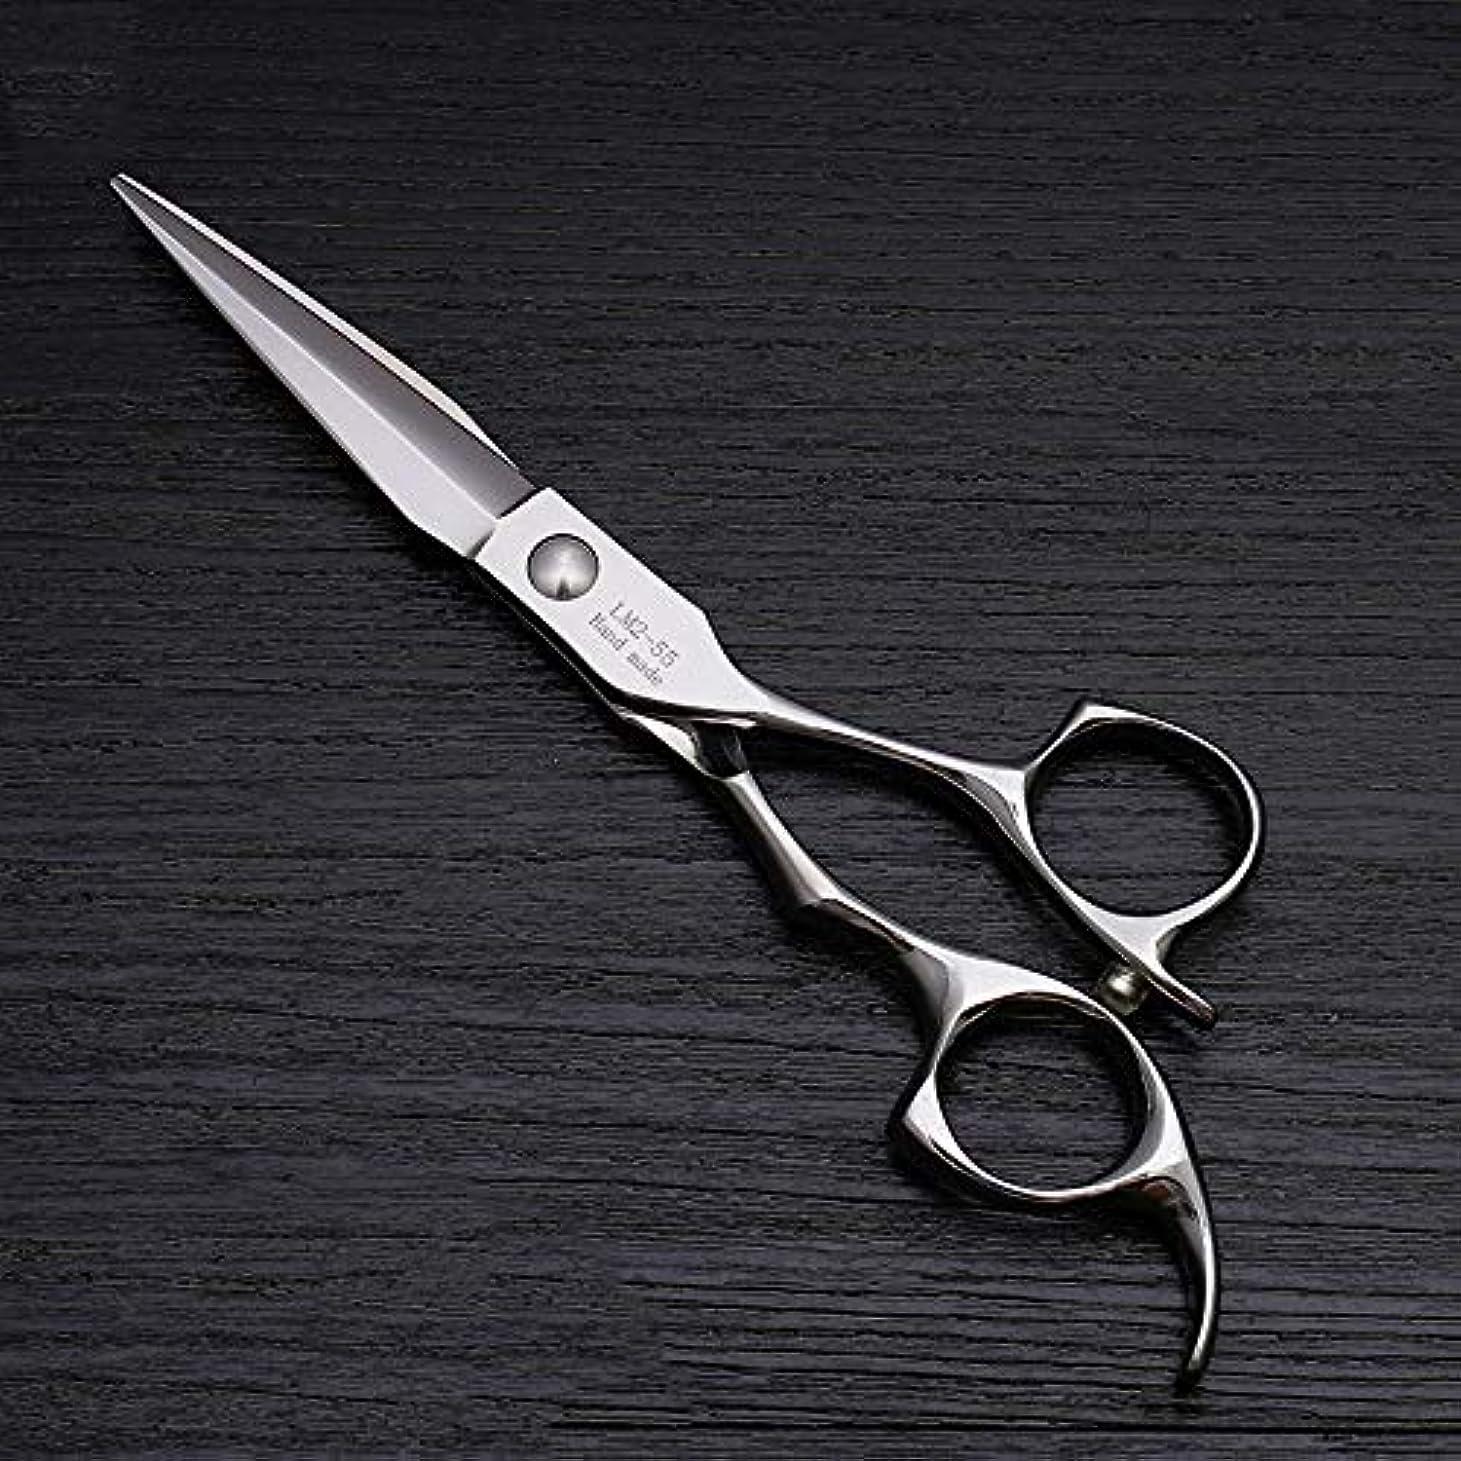 イタリアのびん銀河5.5インチの美容院のステンレス鋼の毛のCutting専門家用具 モデリングツール (色 : Silver)